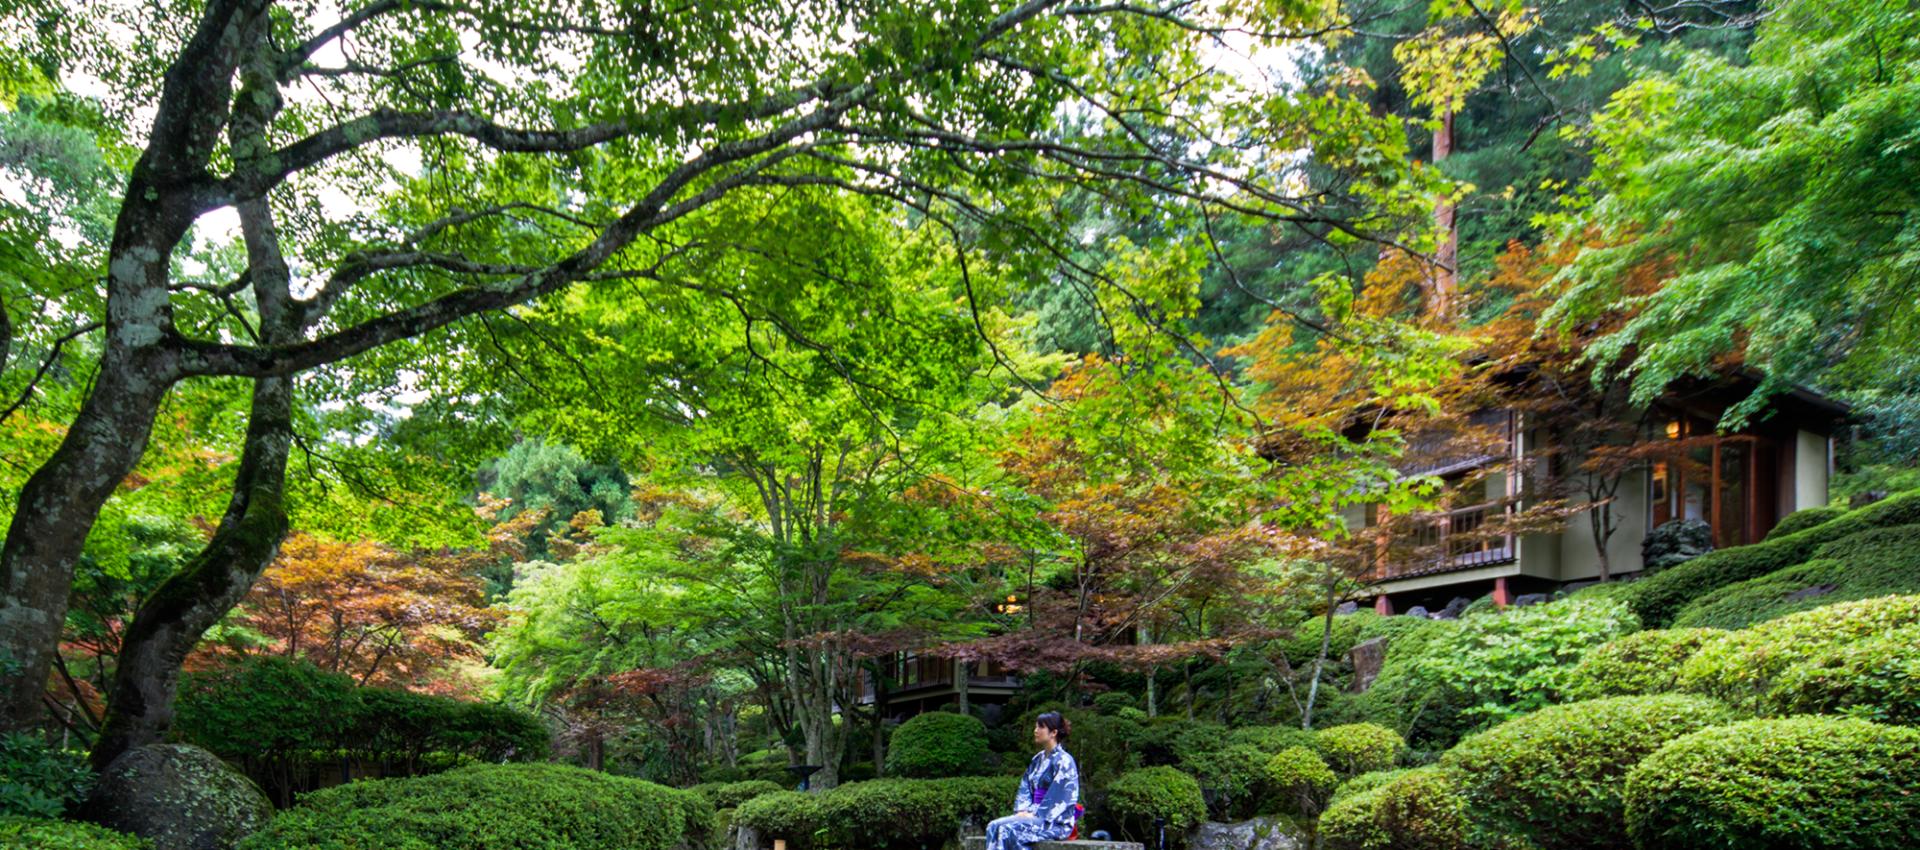 Como realmente disfrutar de un Jardín Japonés